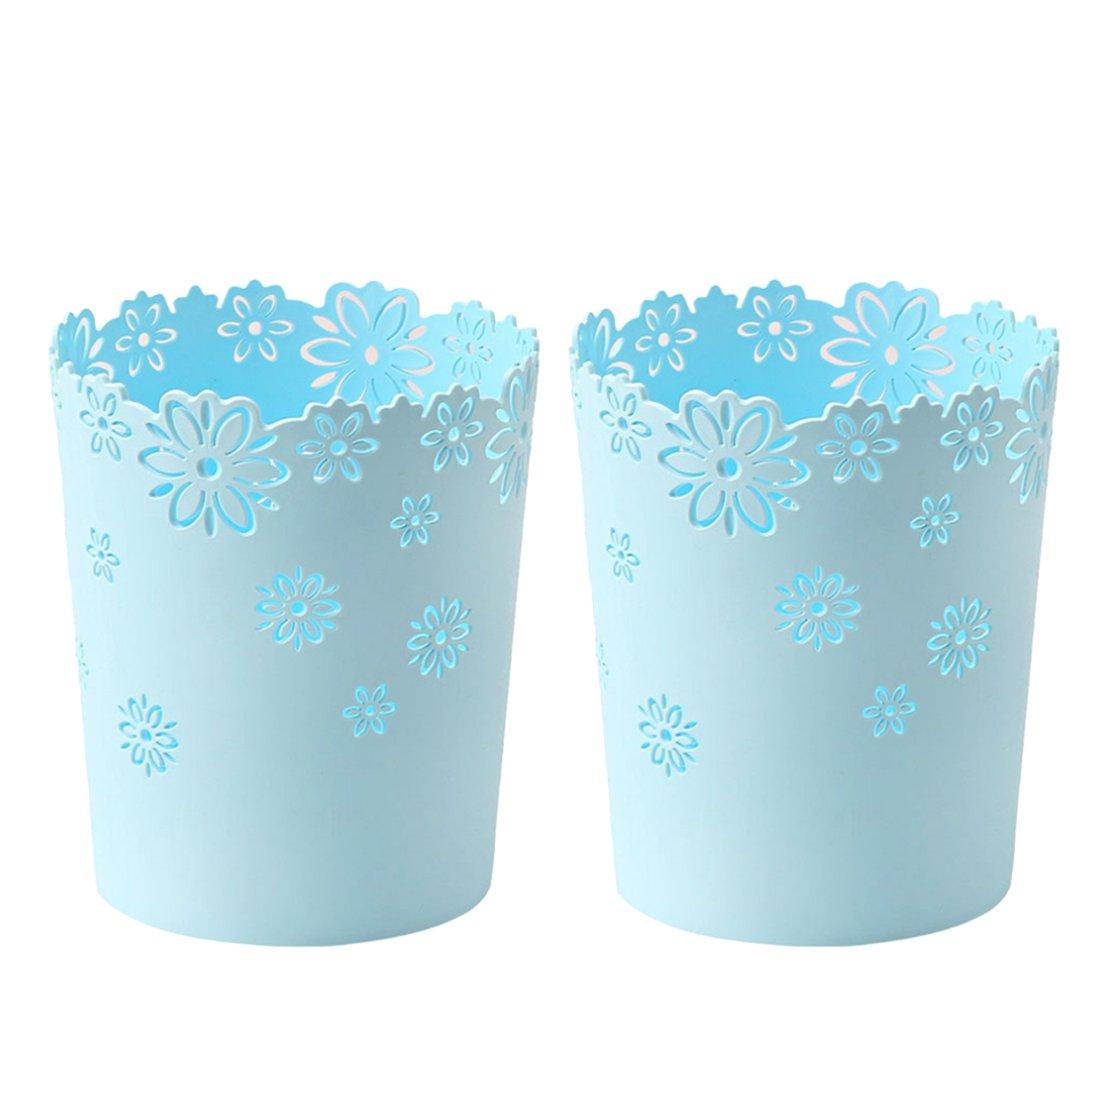 Waste Paper Baskets, XSHION Trash Can Garbage Bin Plastic without Lid for Bedroom /Kitchen /Bathroom /Office /Desktop (Blue 2 Pack)